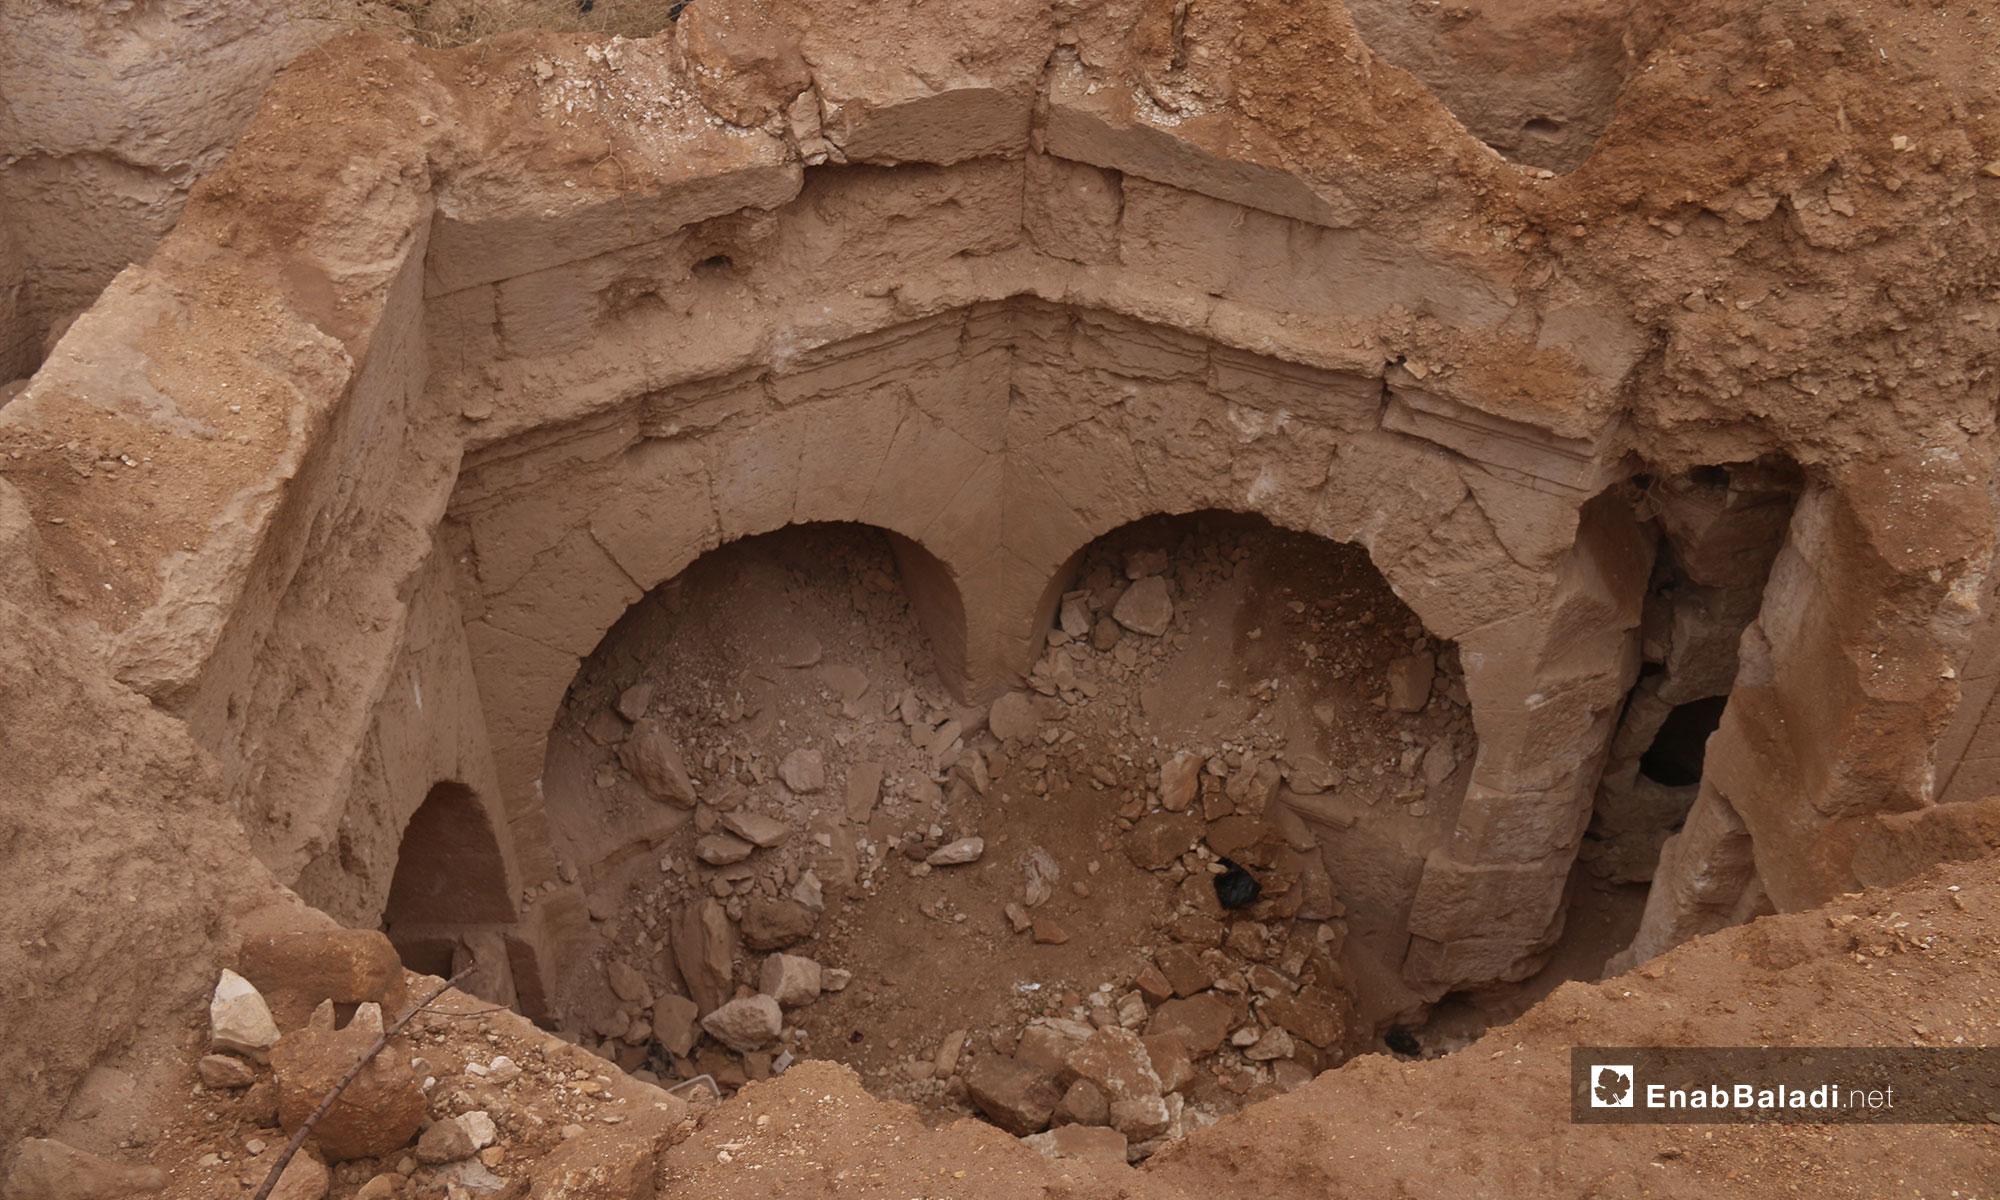 مقبرة تعود للعهد الروماني في بلدة جرجناز شرق معرة النعمان - 9 من تشرين الثاني 2018 (عنب بلدي)